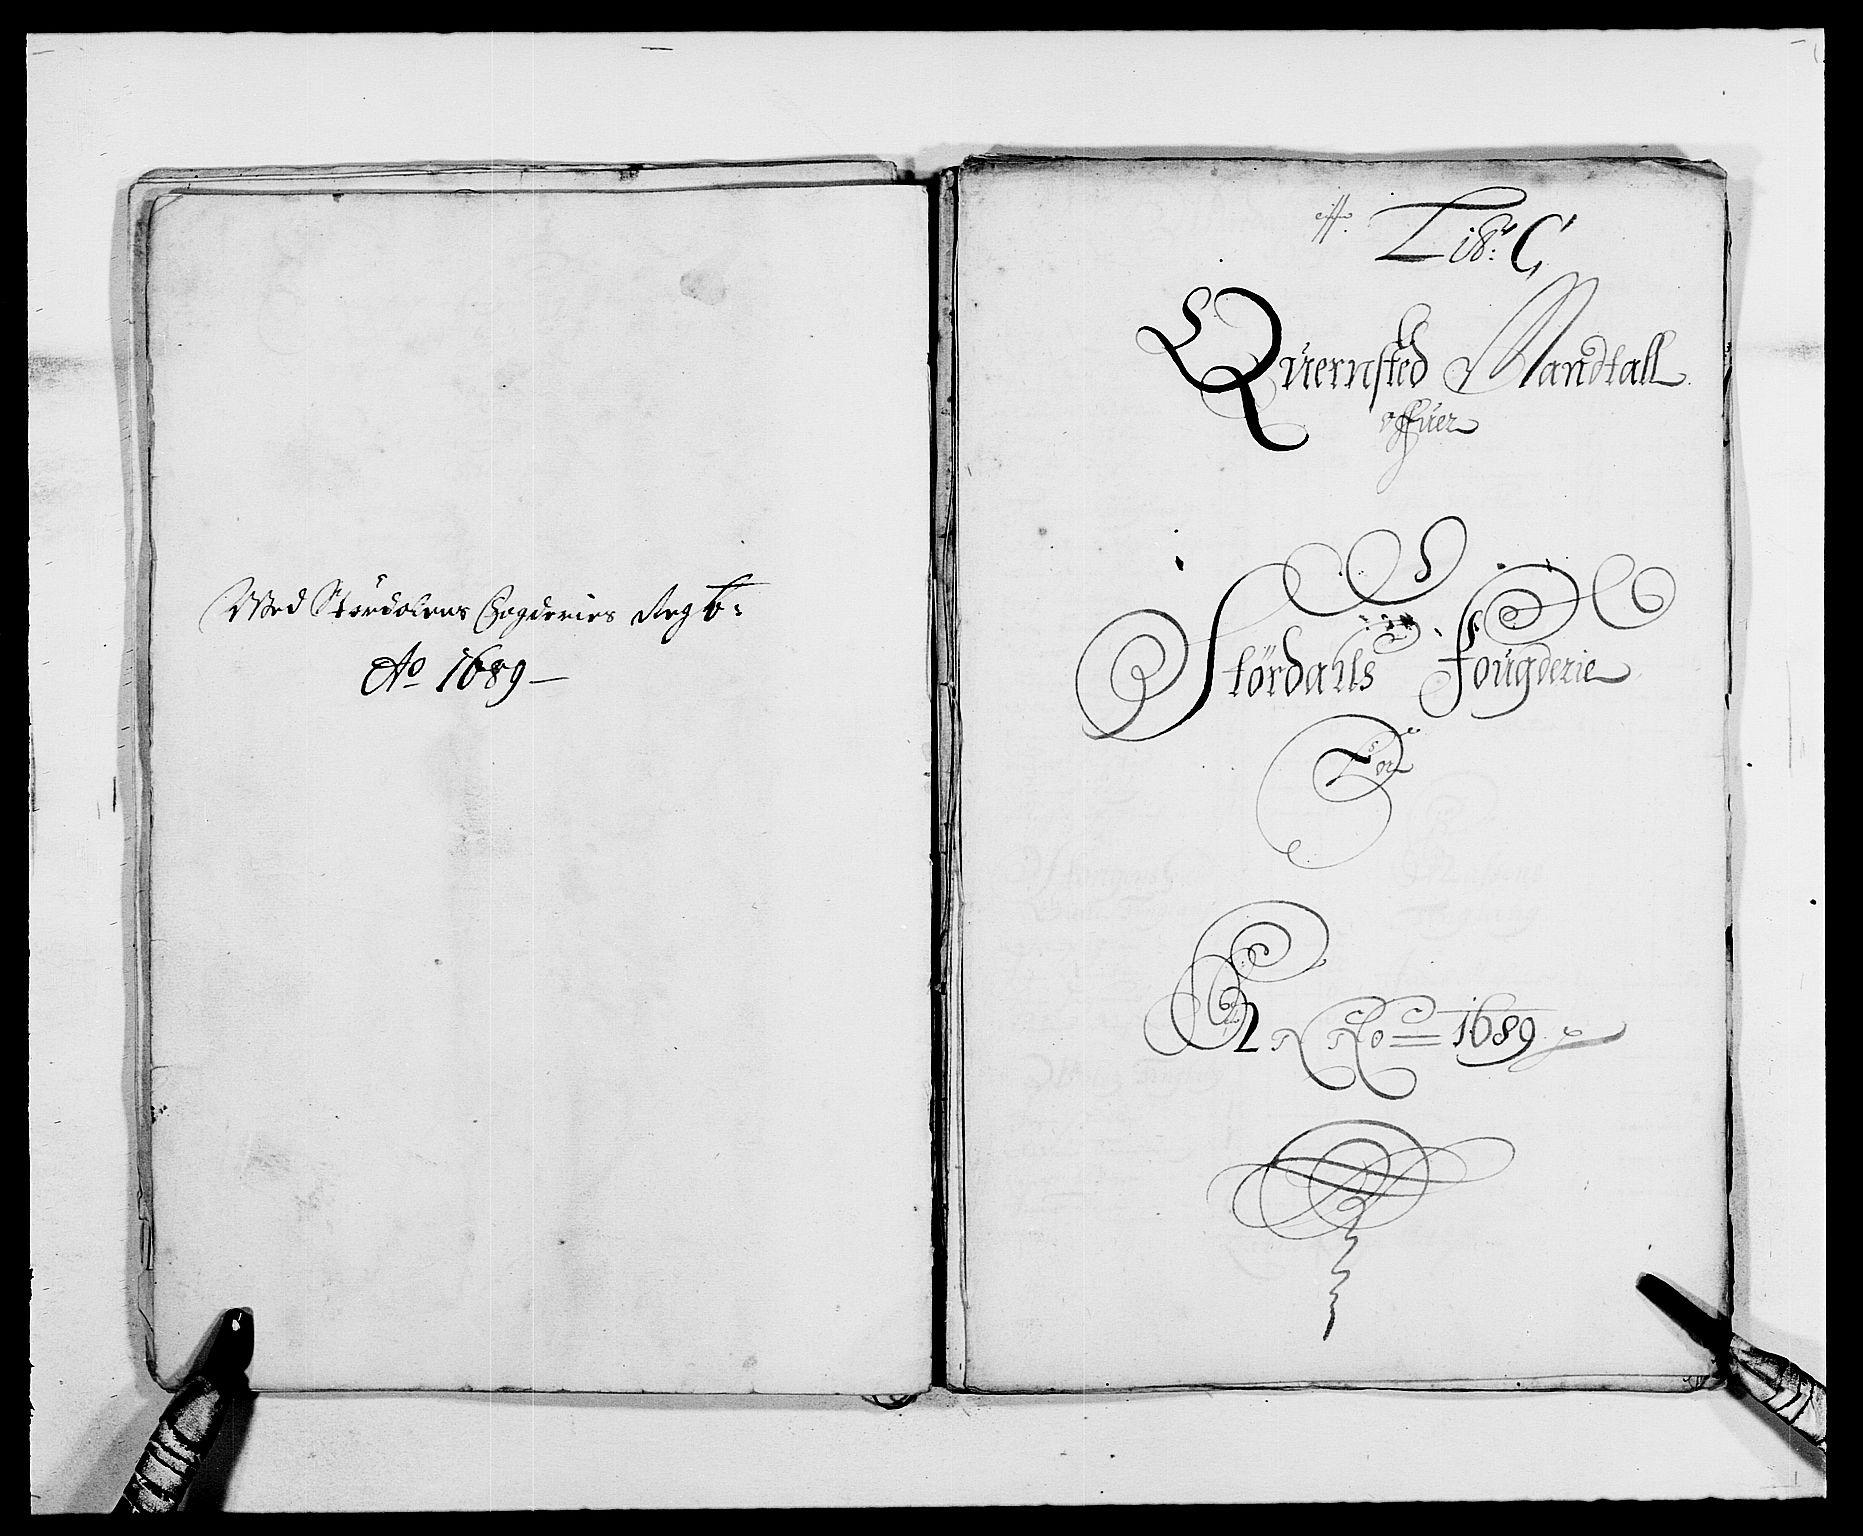 RA, Rentekammeret inntil 1814, Reviderte regnskaper, Fogderegnskap, R62/L4183: Fogderegnskap Stjørdal og Verdal, 1687-1689, s. 323